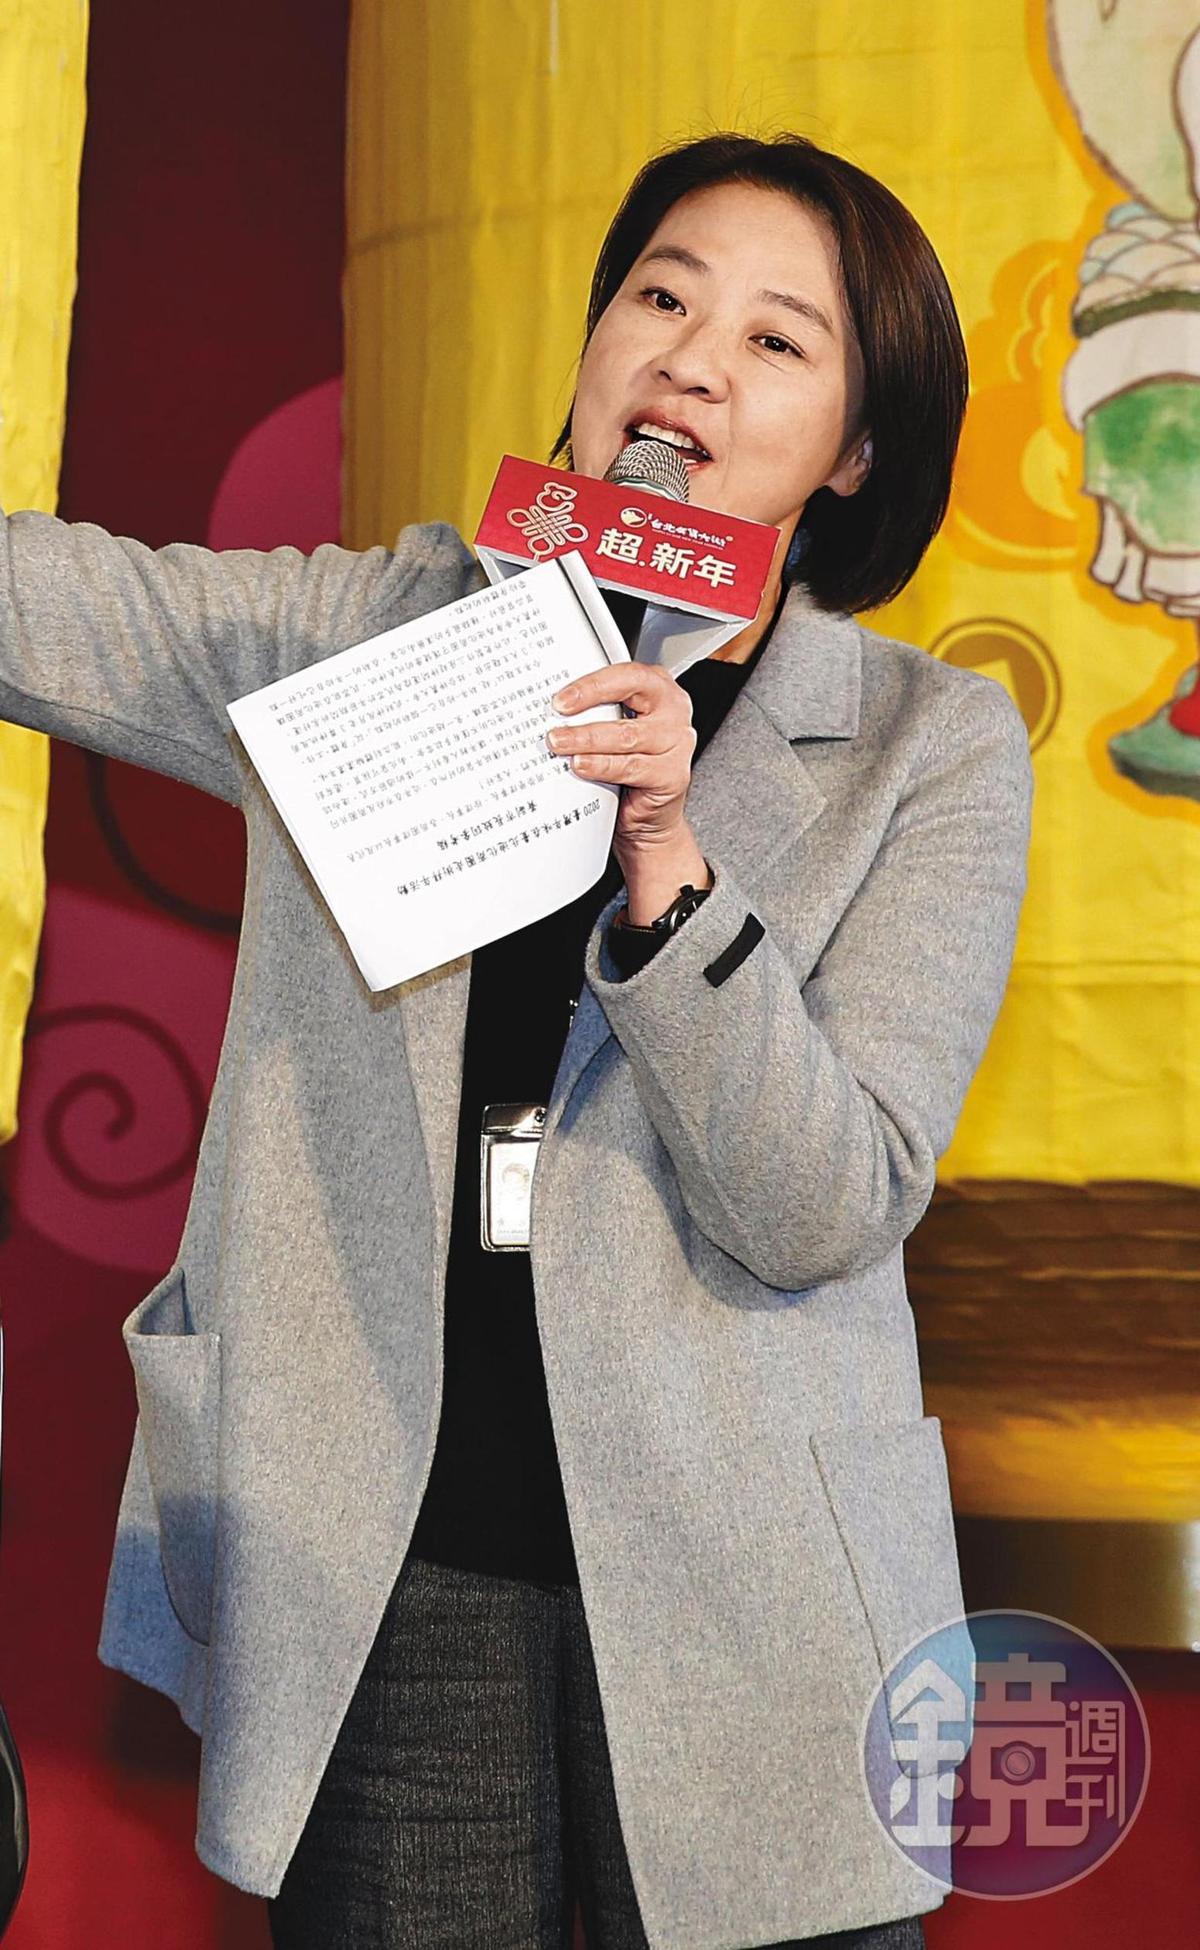 台北市副市長黃珊珊受命控管文山分局合併案的進度。